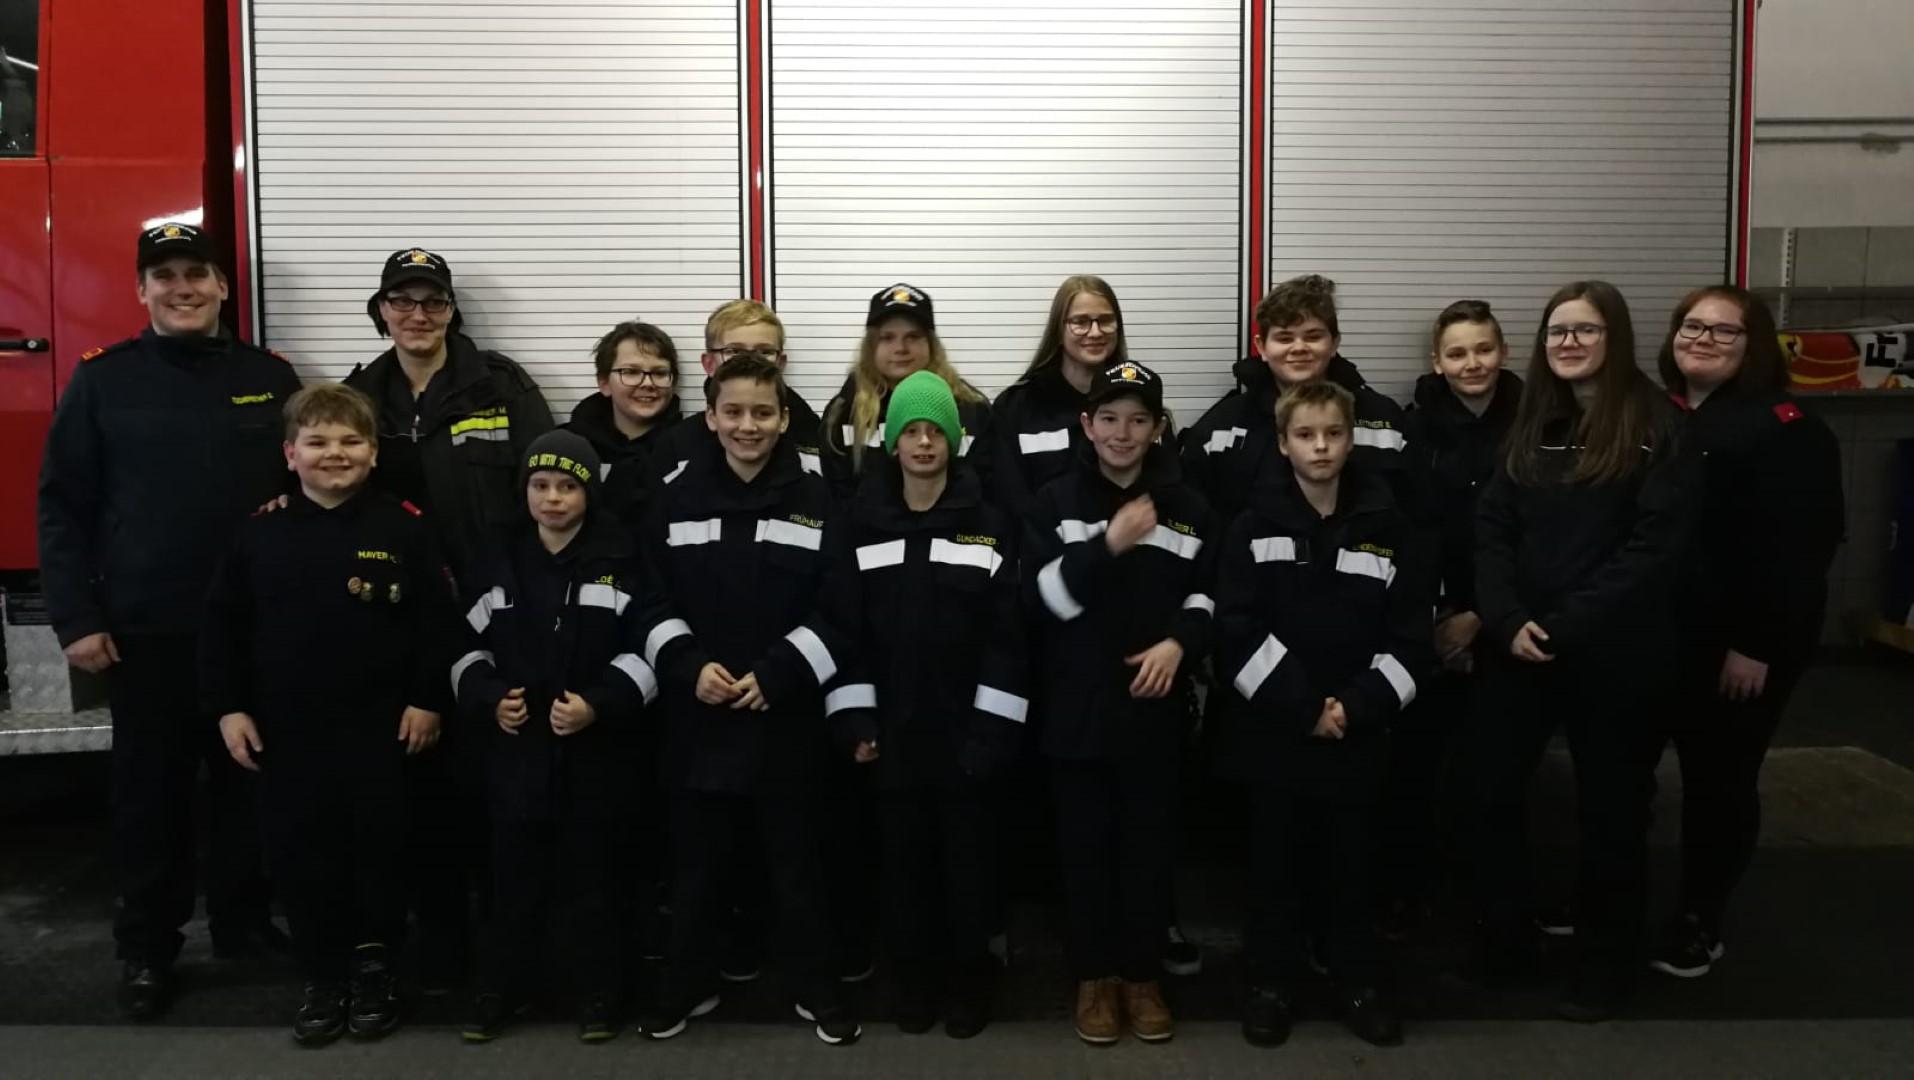 2019.02.02. Abnahme für das Fertigkeitsabzeichen Feuerwehrsicherheit und Erste Hilfe (11) (Large)